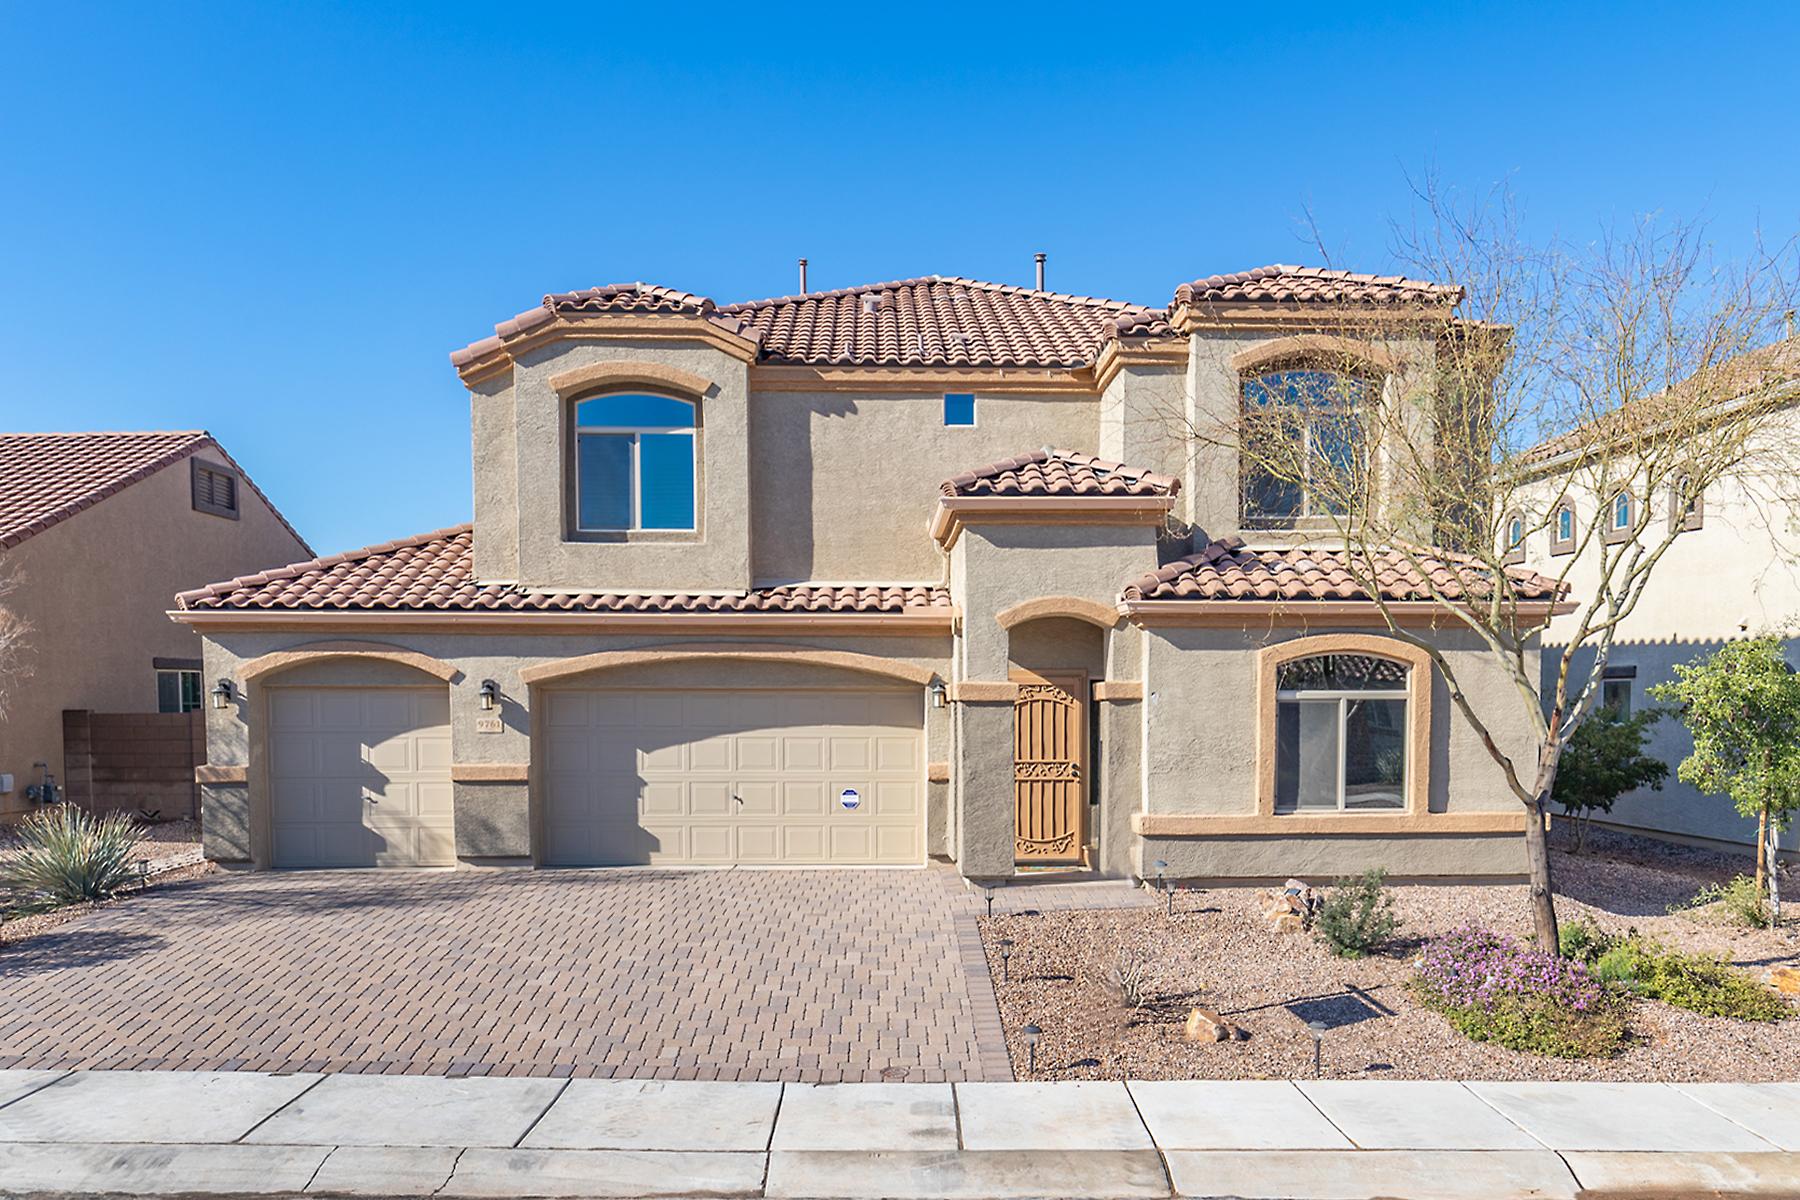 Single Family Homes for Active at Move In Ready 9761 N. Hebden Way Marana, Arizona 85743 United States